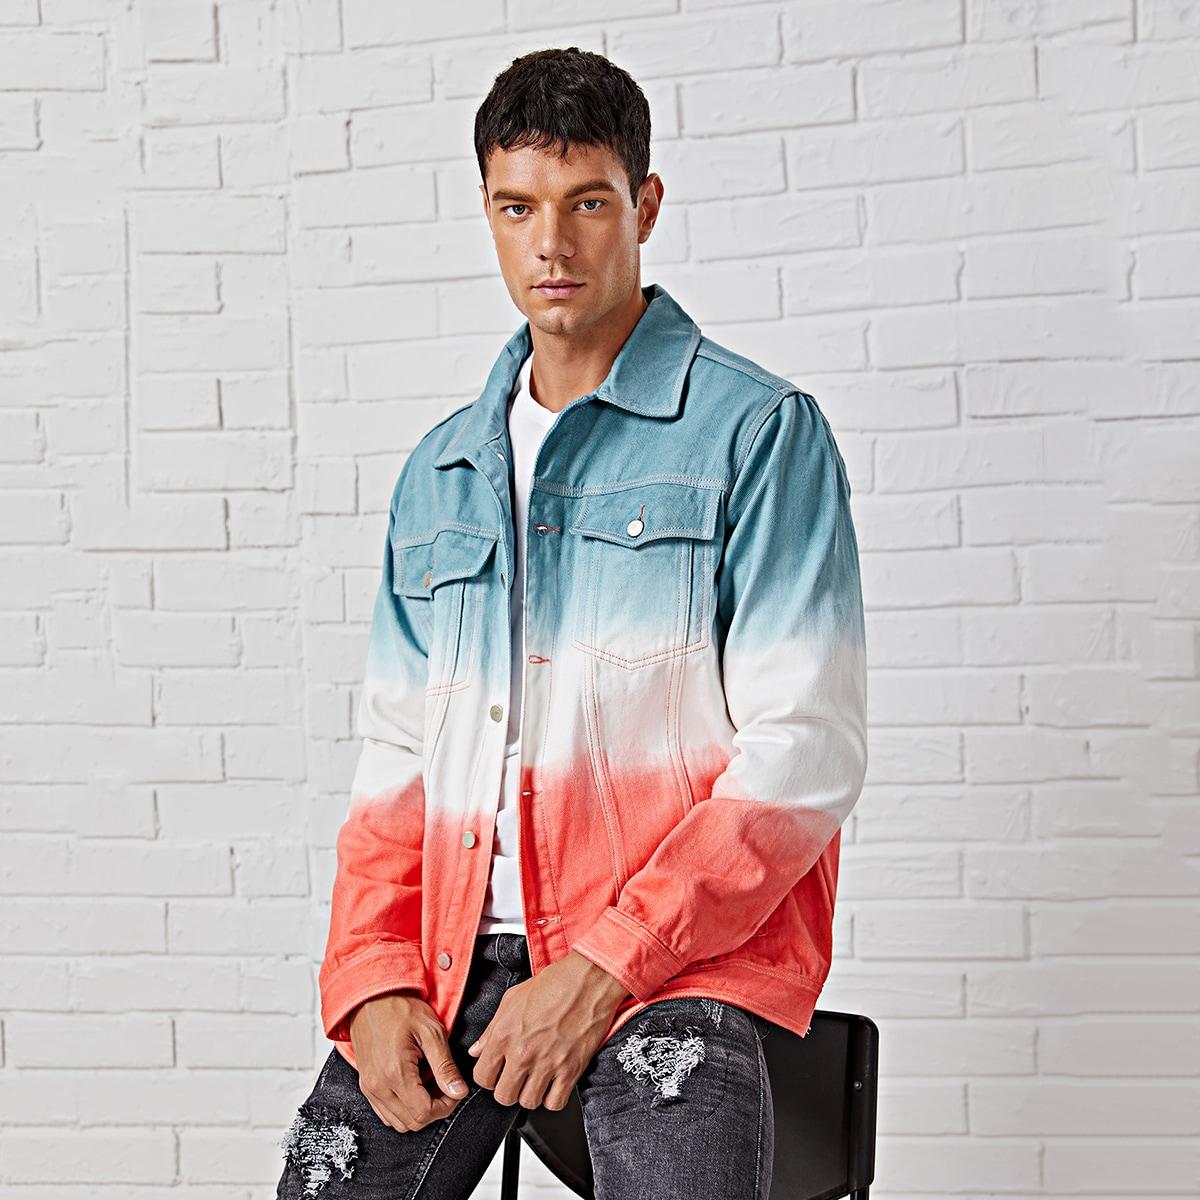 Пуговица контрастный цвет мужские джинсовые куртки